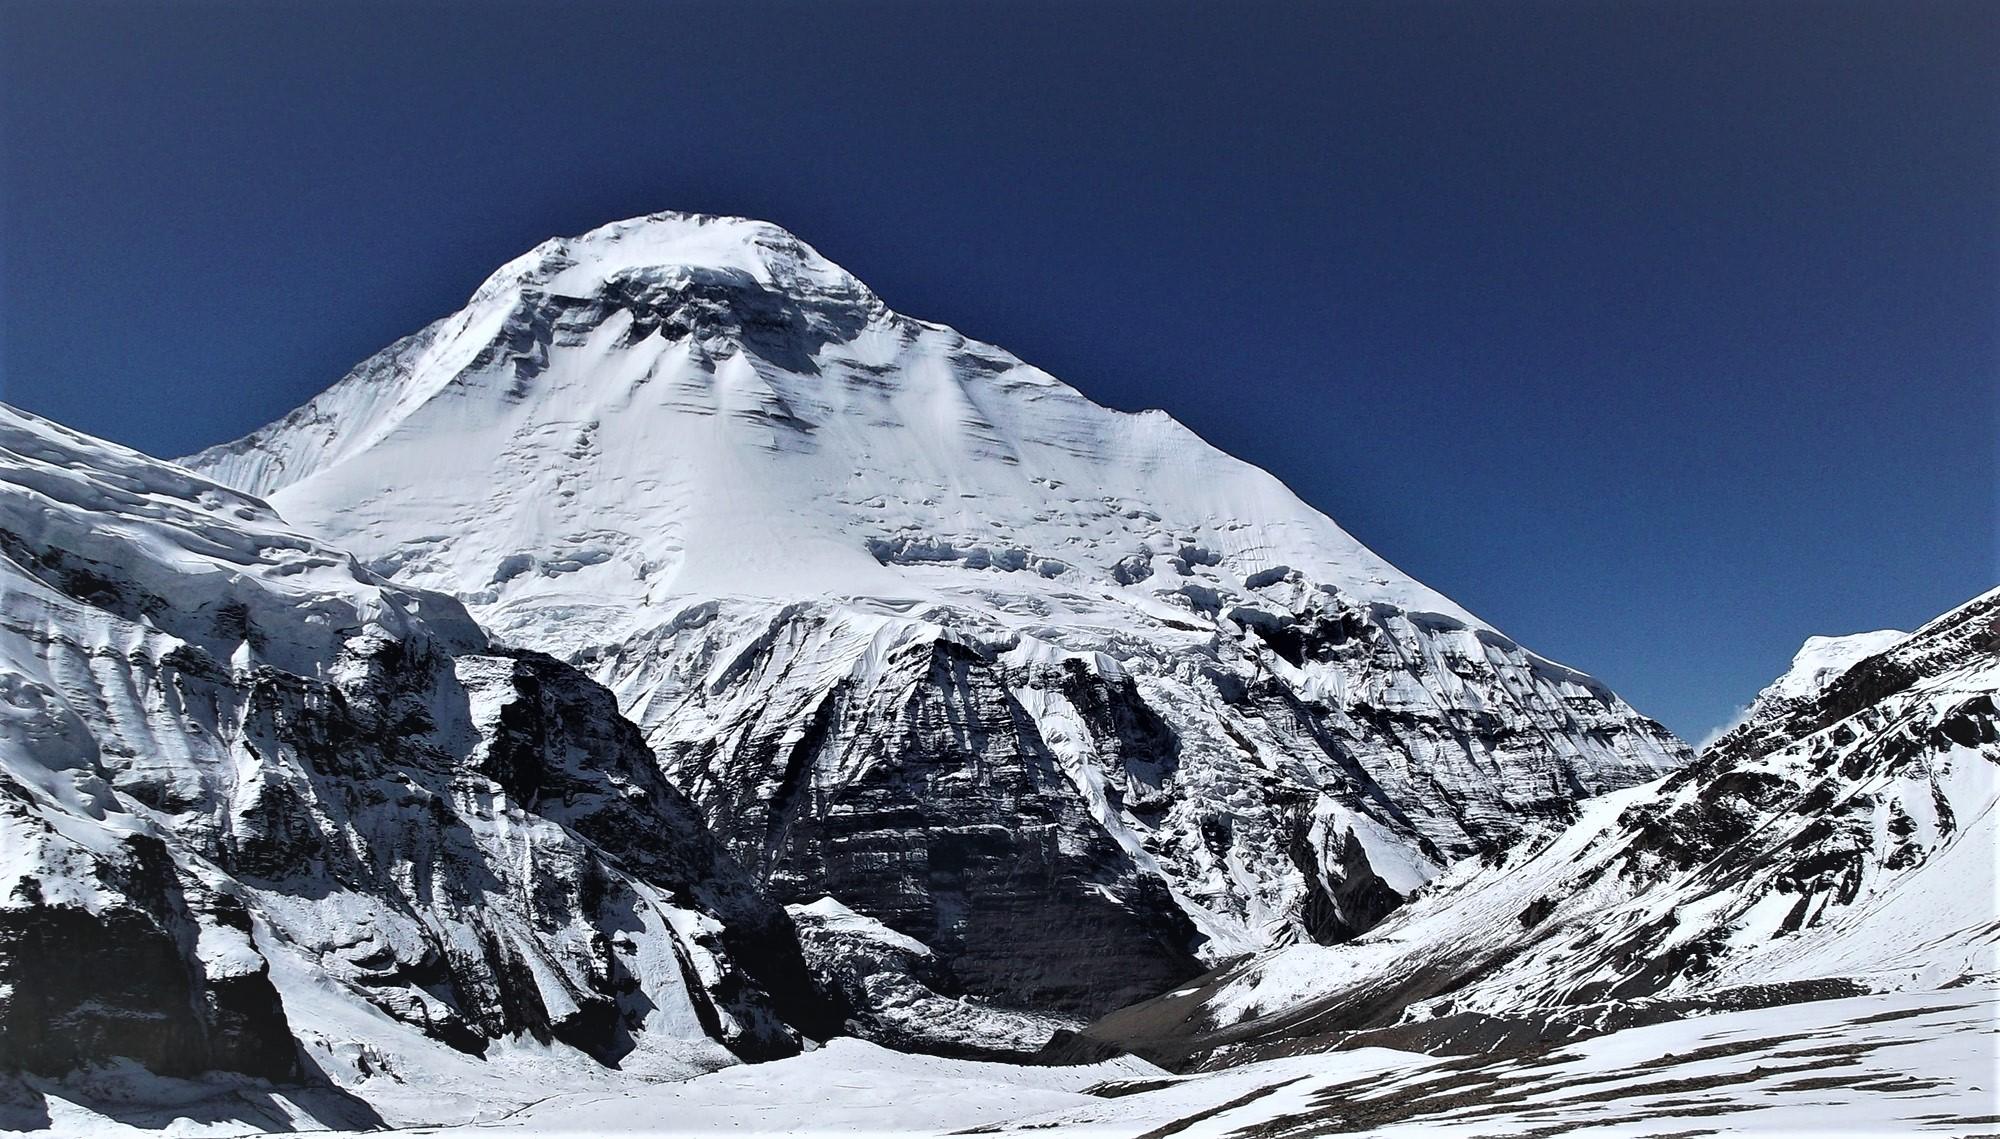 Dhaulagiri (8167m)